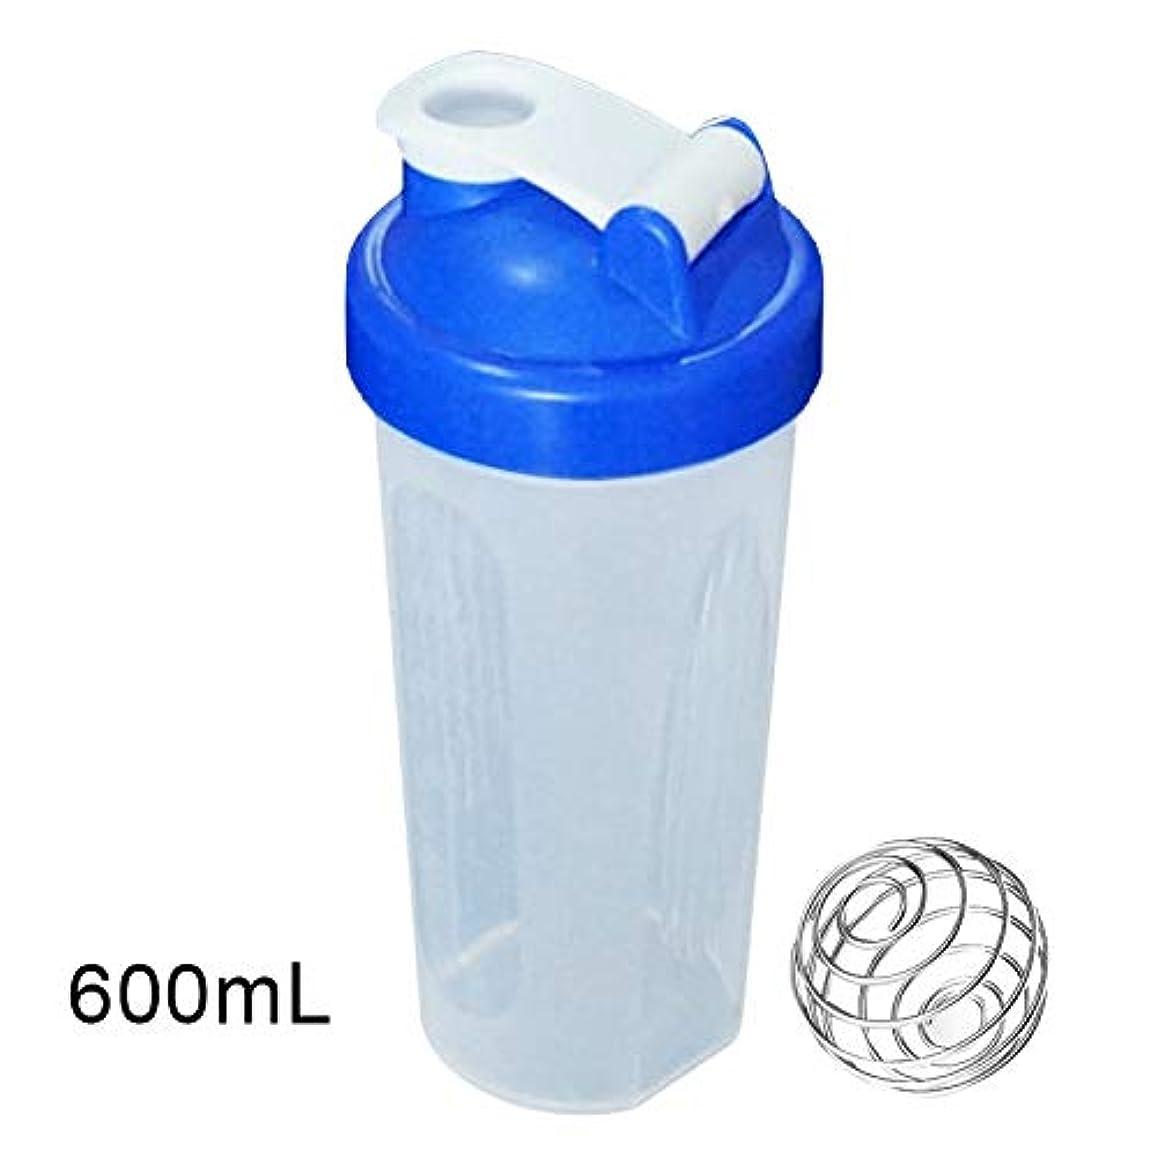 持っている間接的舞い上がるZaRoing ブレンダーボトル プロテインパウダー揺れ瓶 プロテインシェーカー 栄養補助瓶 400/600ml